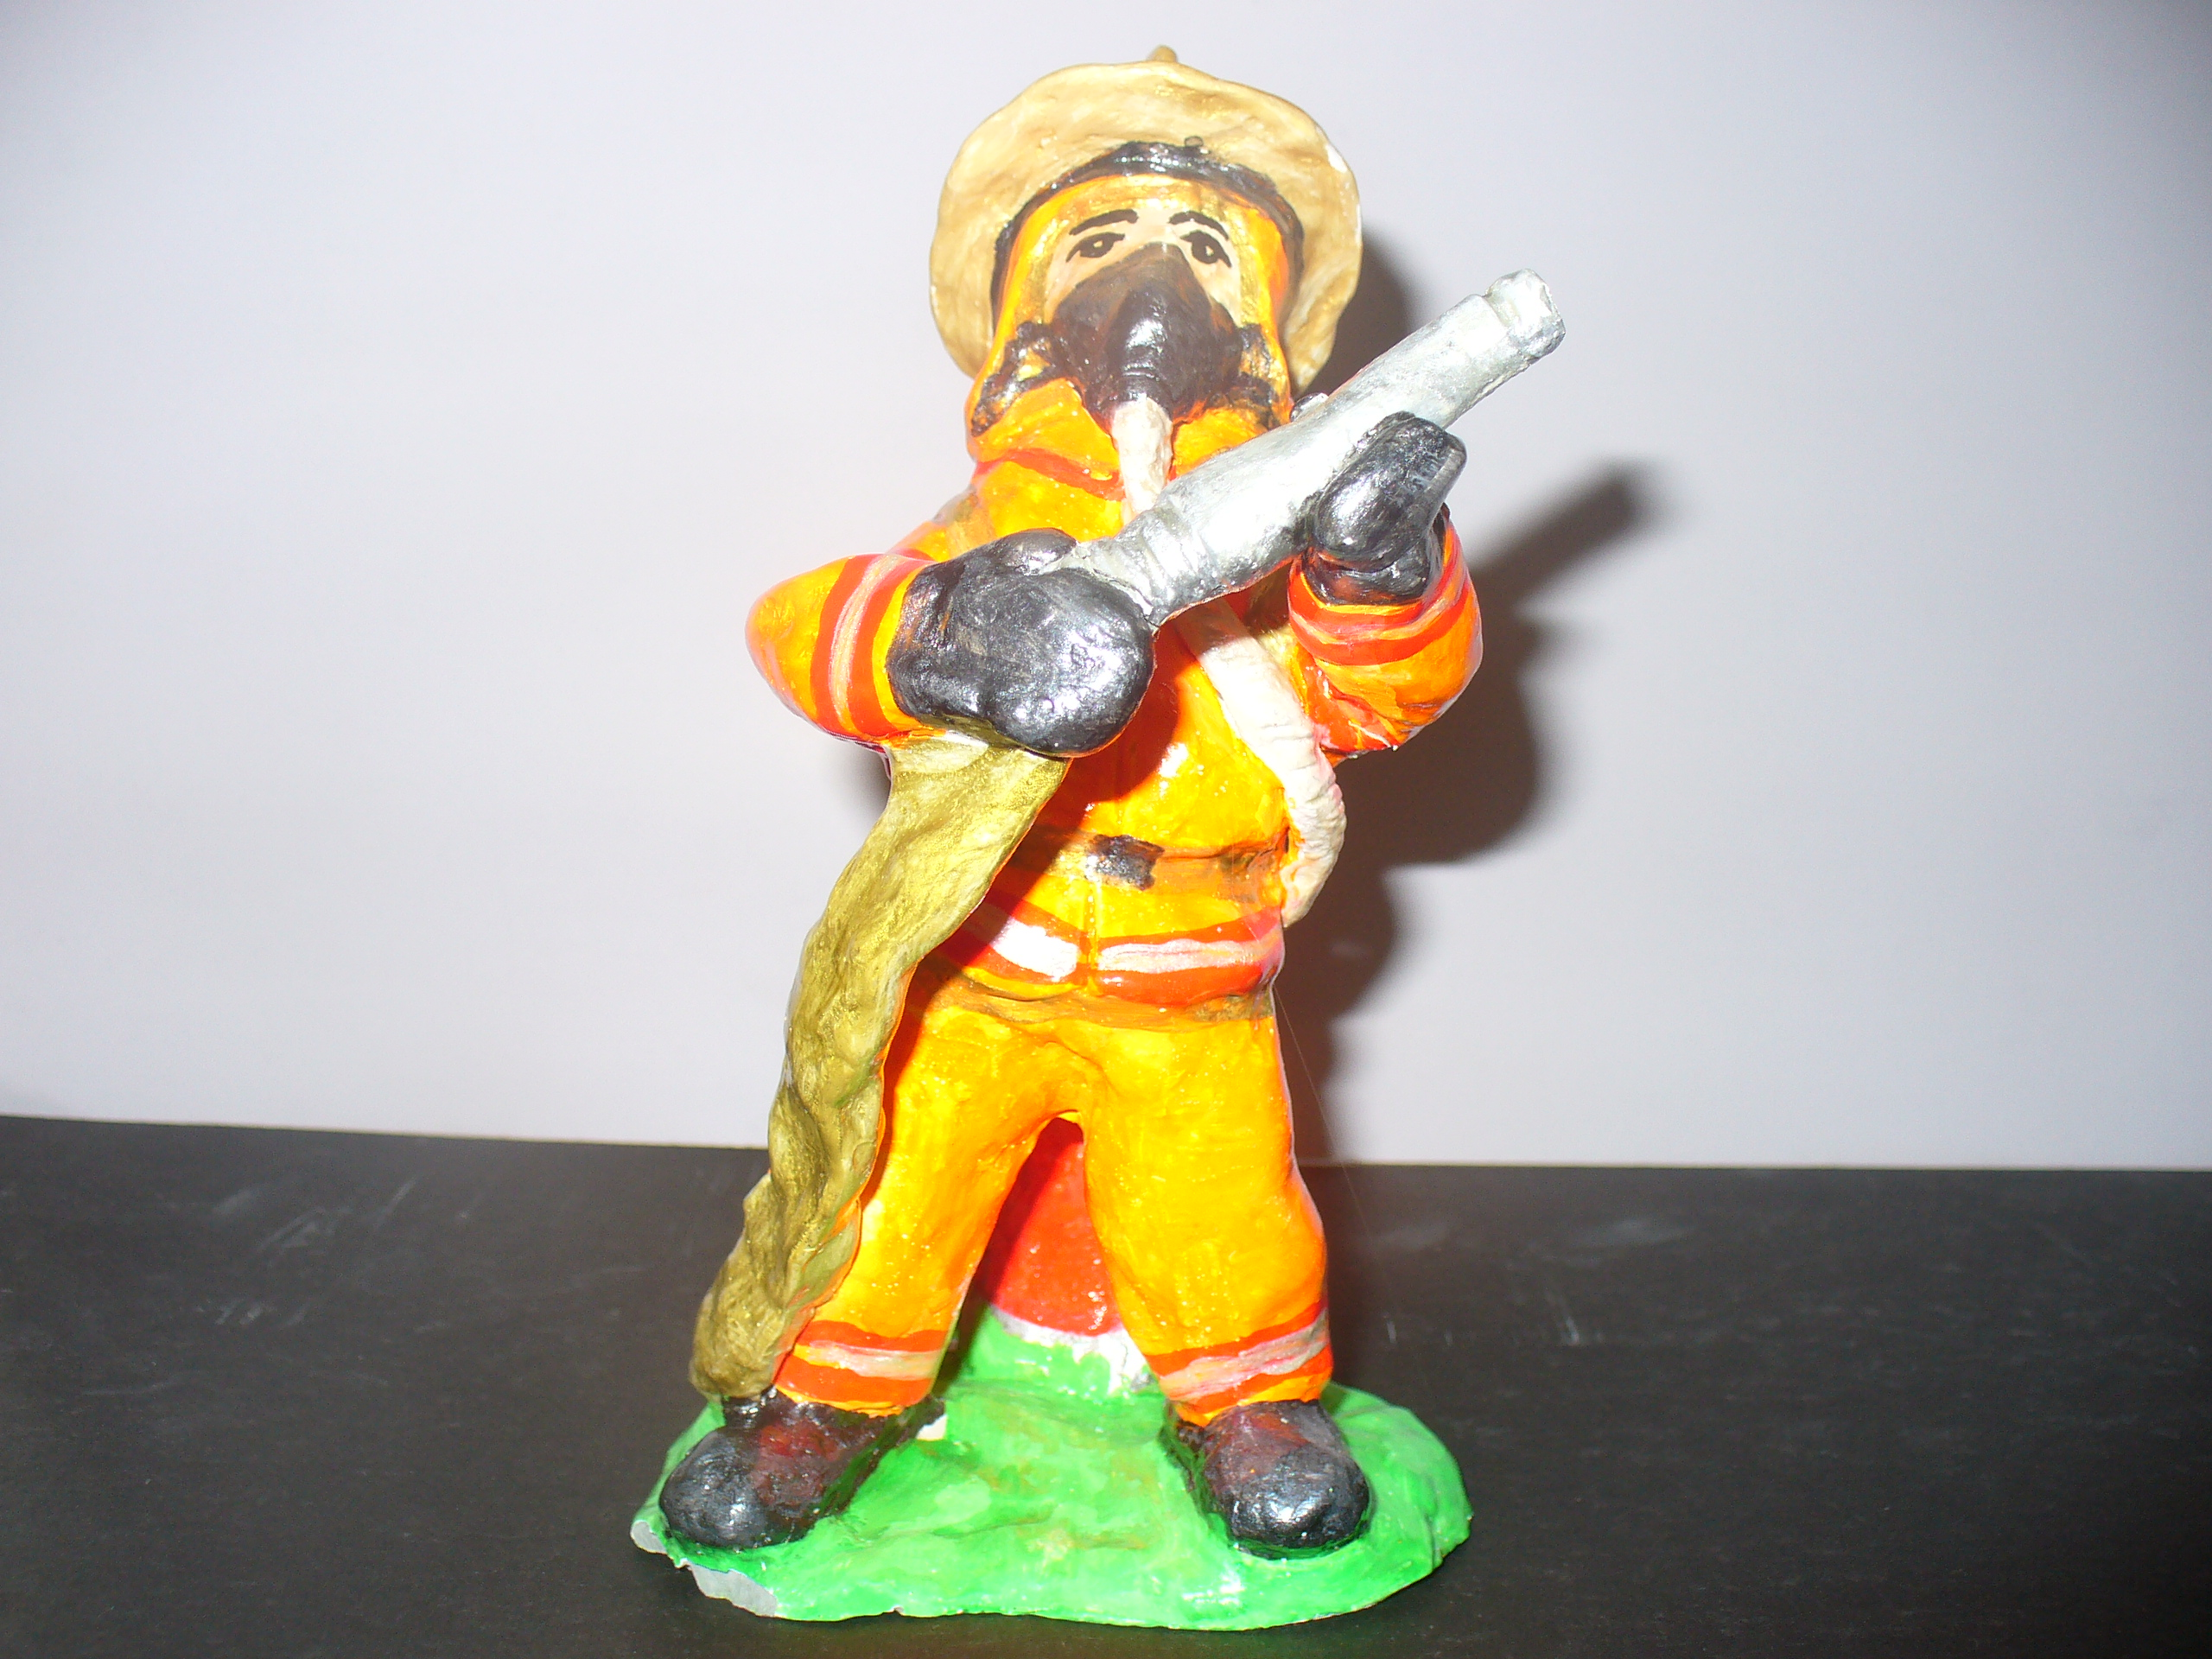 Пожарник своими руками 16